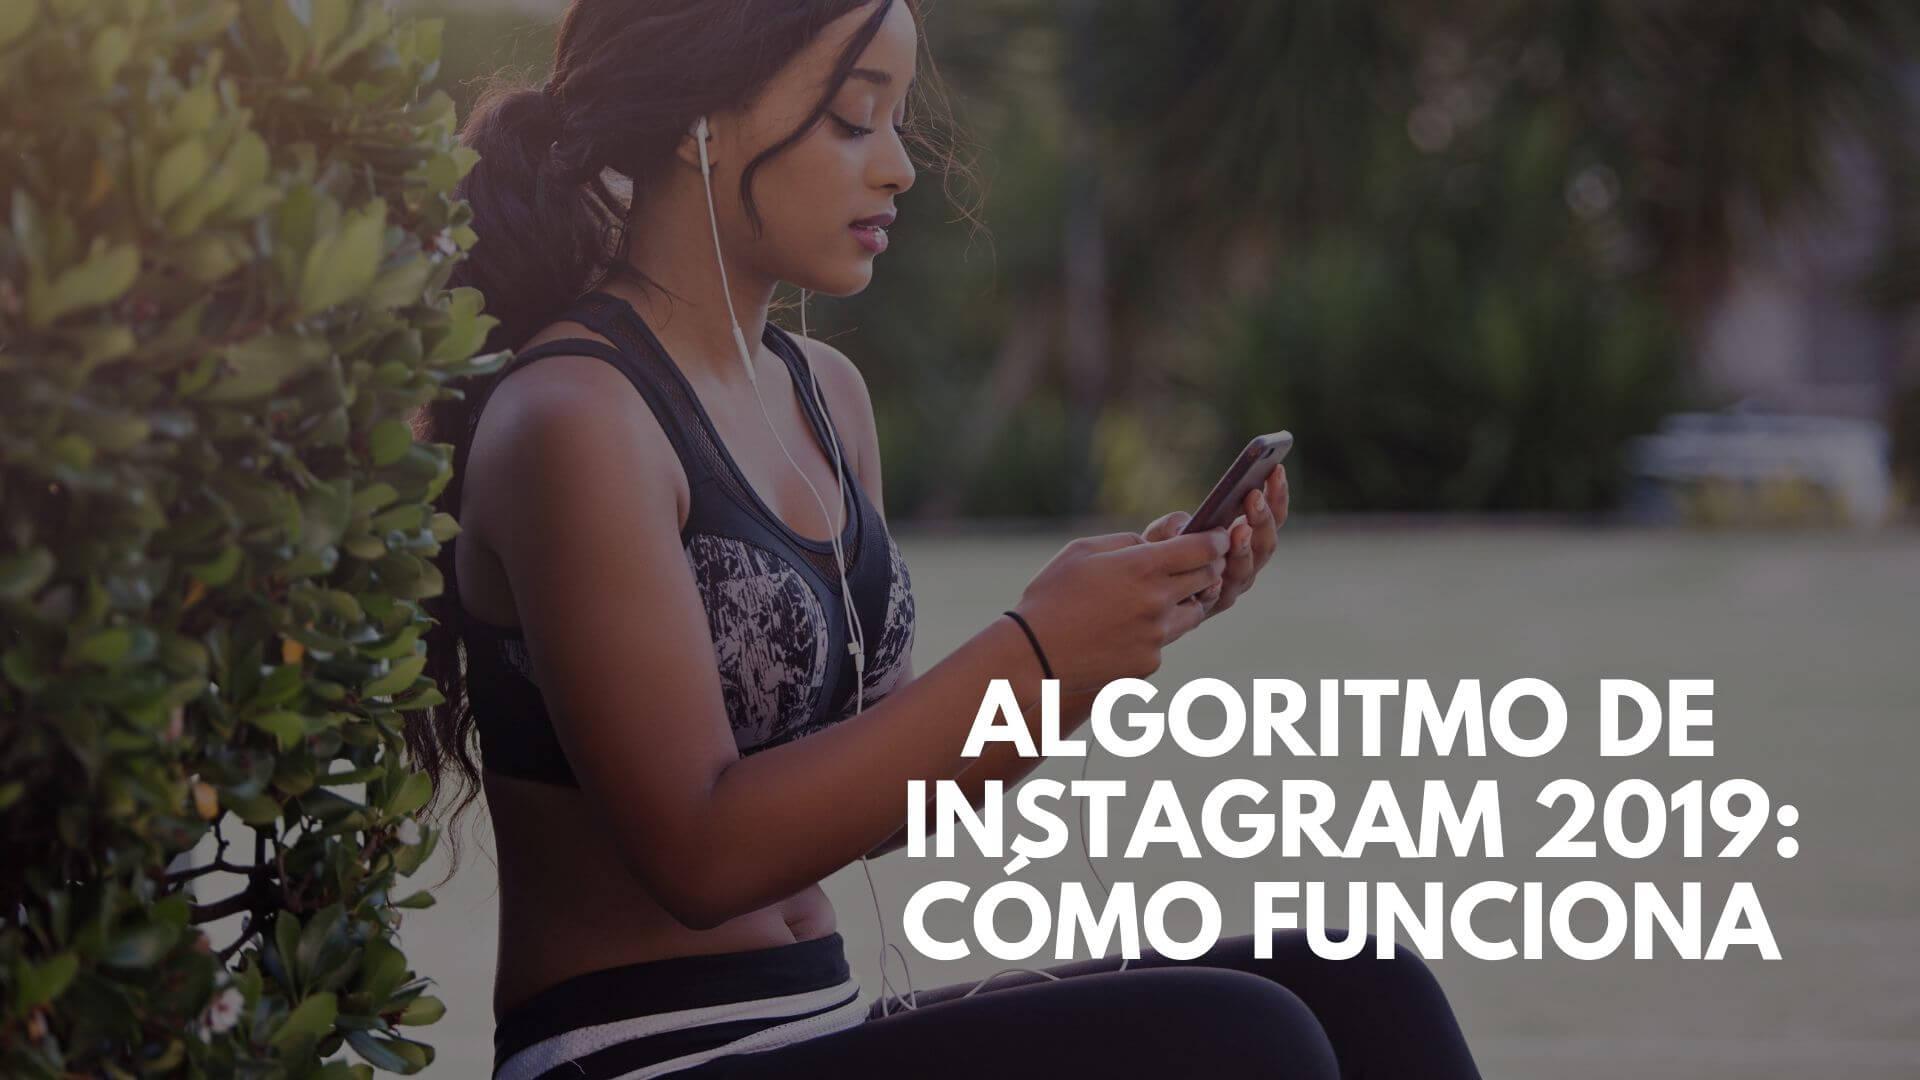 Algoritmo de Instagram 2019 : cómo funciona el nuevo algoritmo